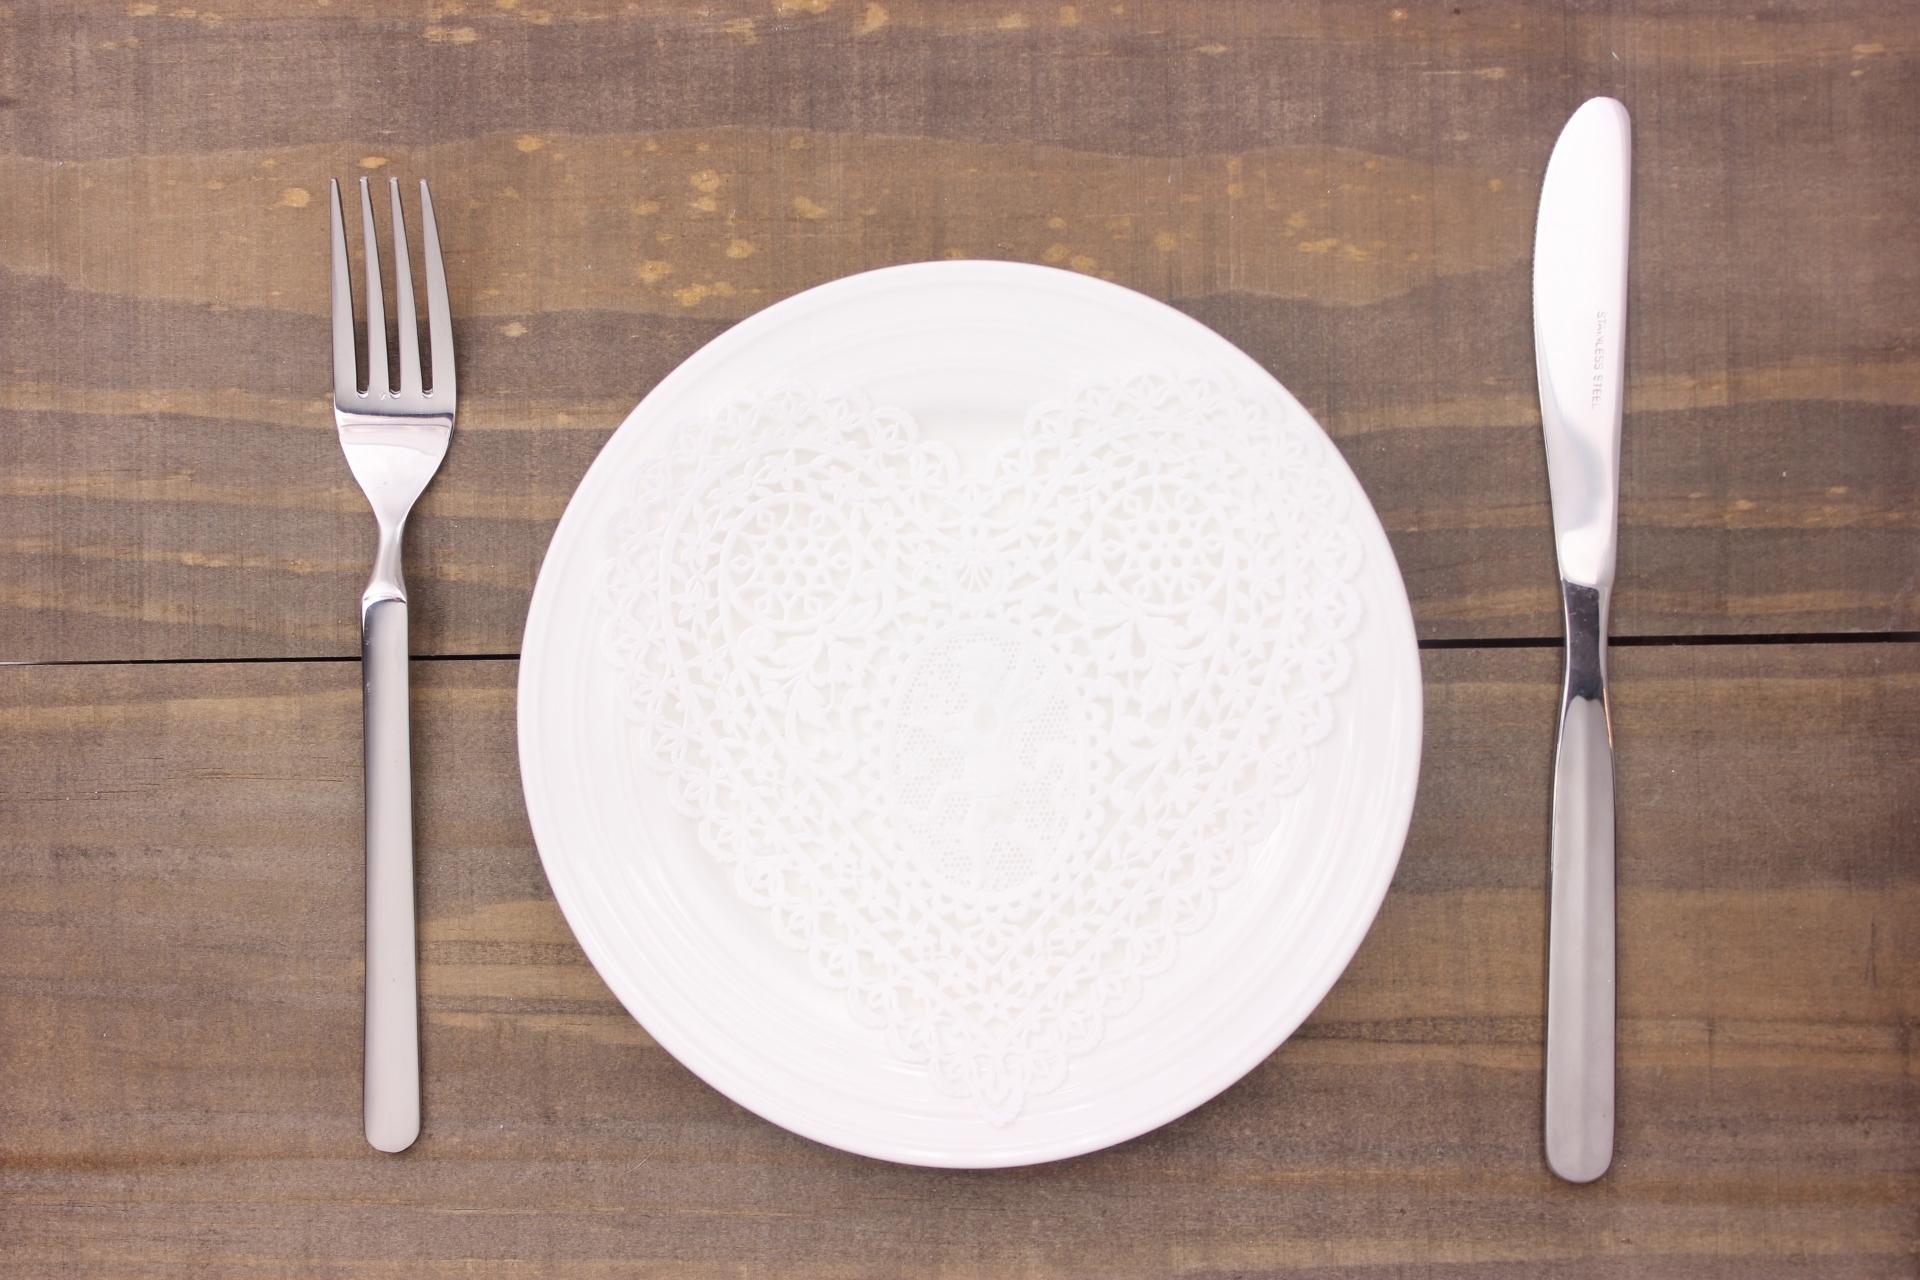 ぽっこりお腹の改善につながる食事法とは?